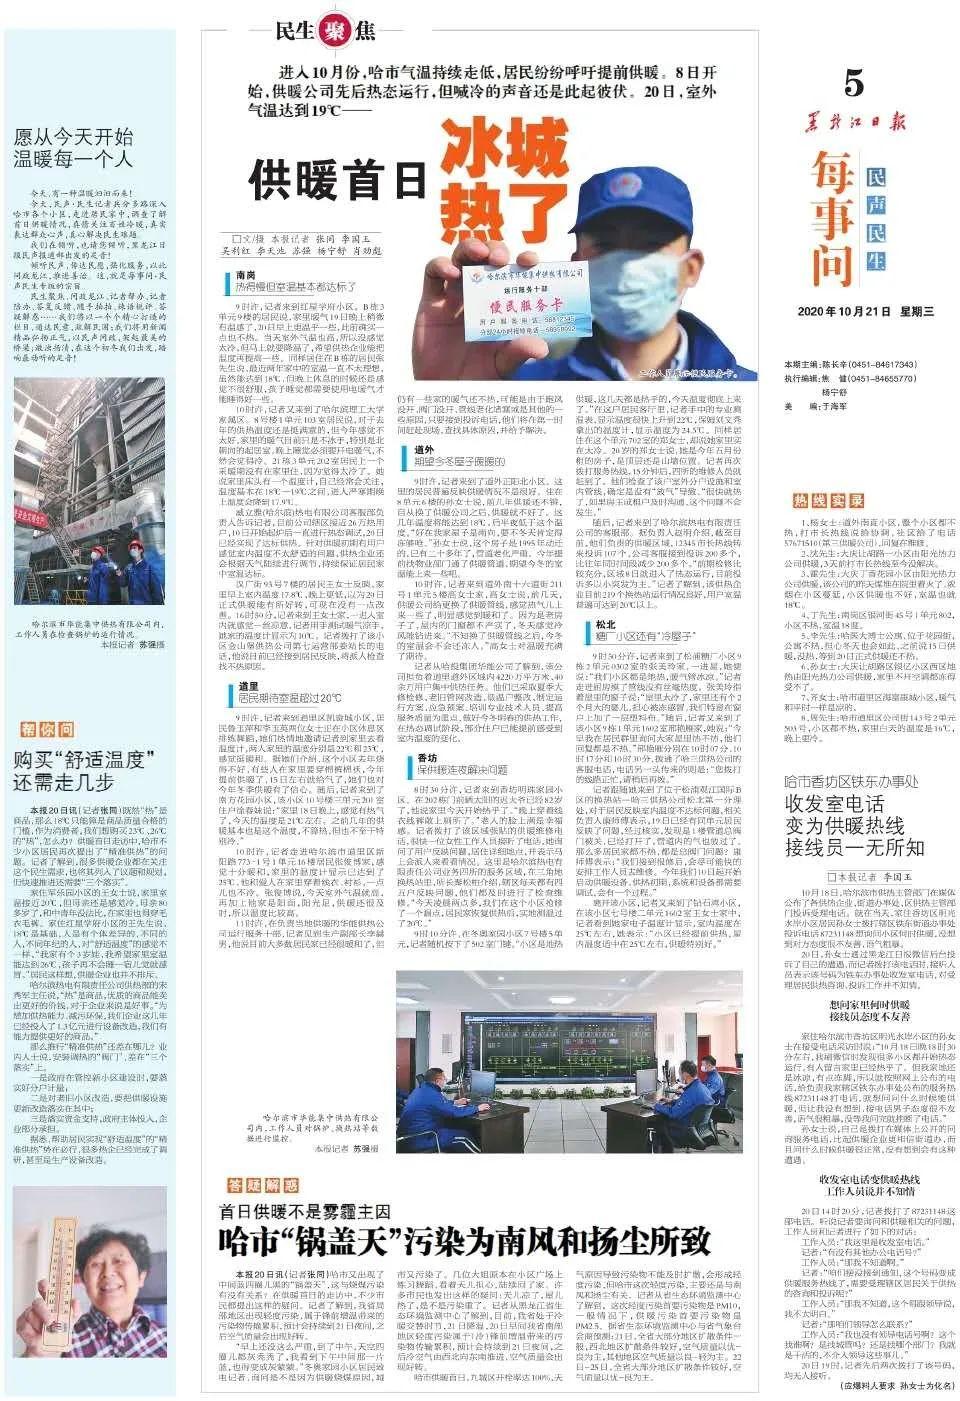 「线索征集通告有期限吗」哈尔滨警方征集孙丽莉等人违法犯罪线索的通告